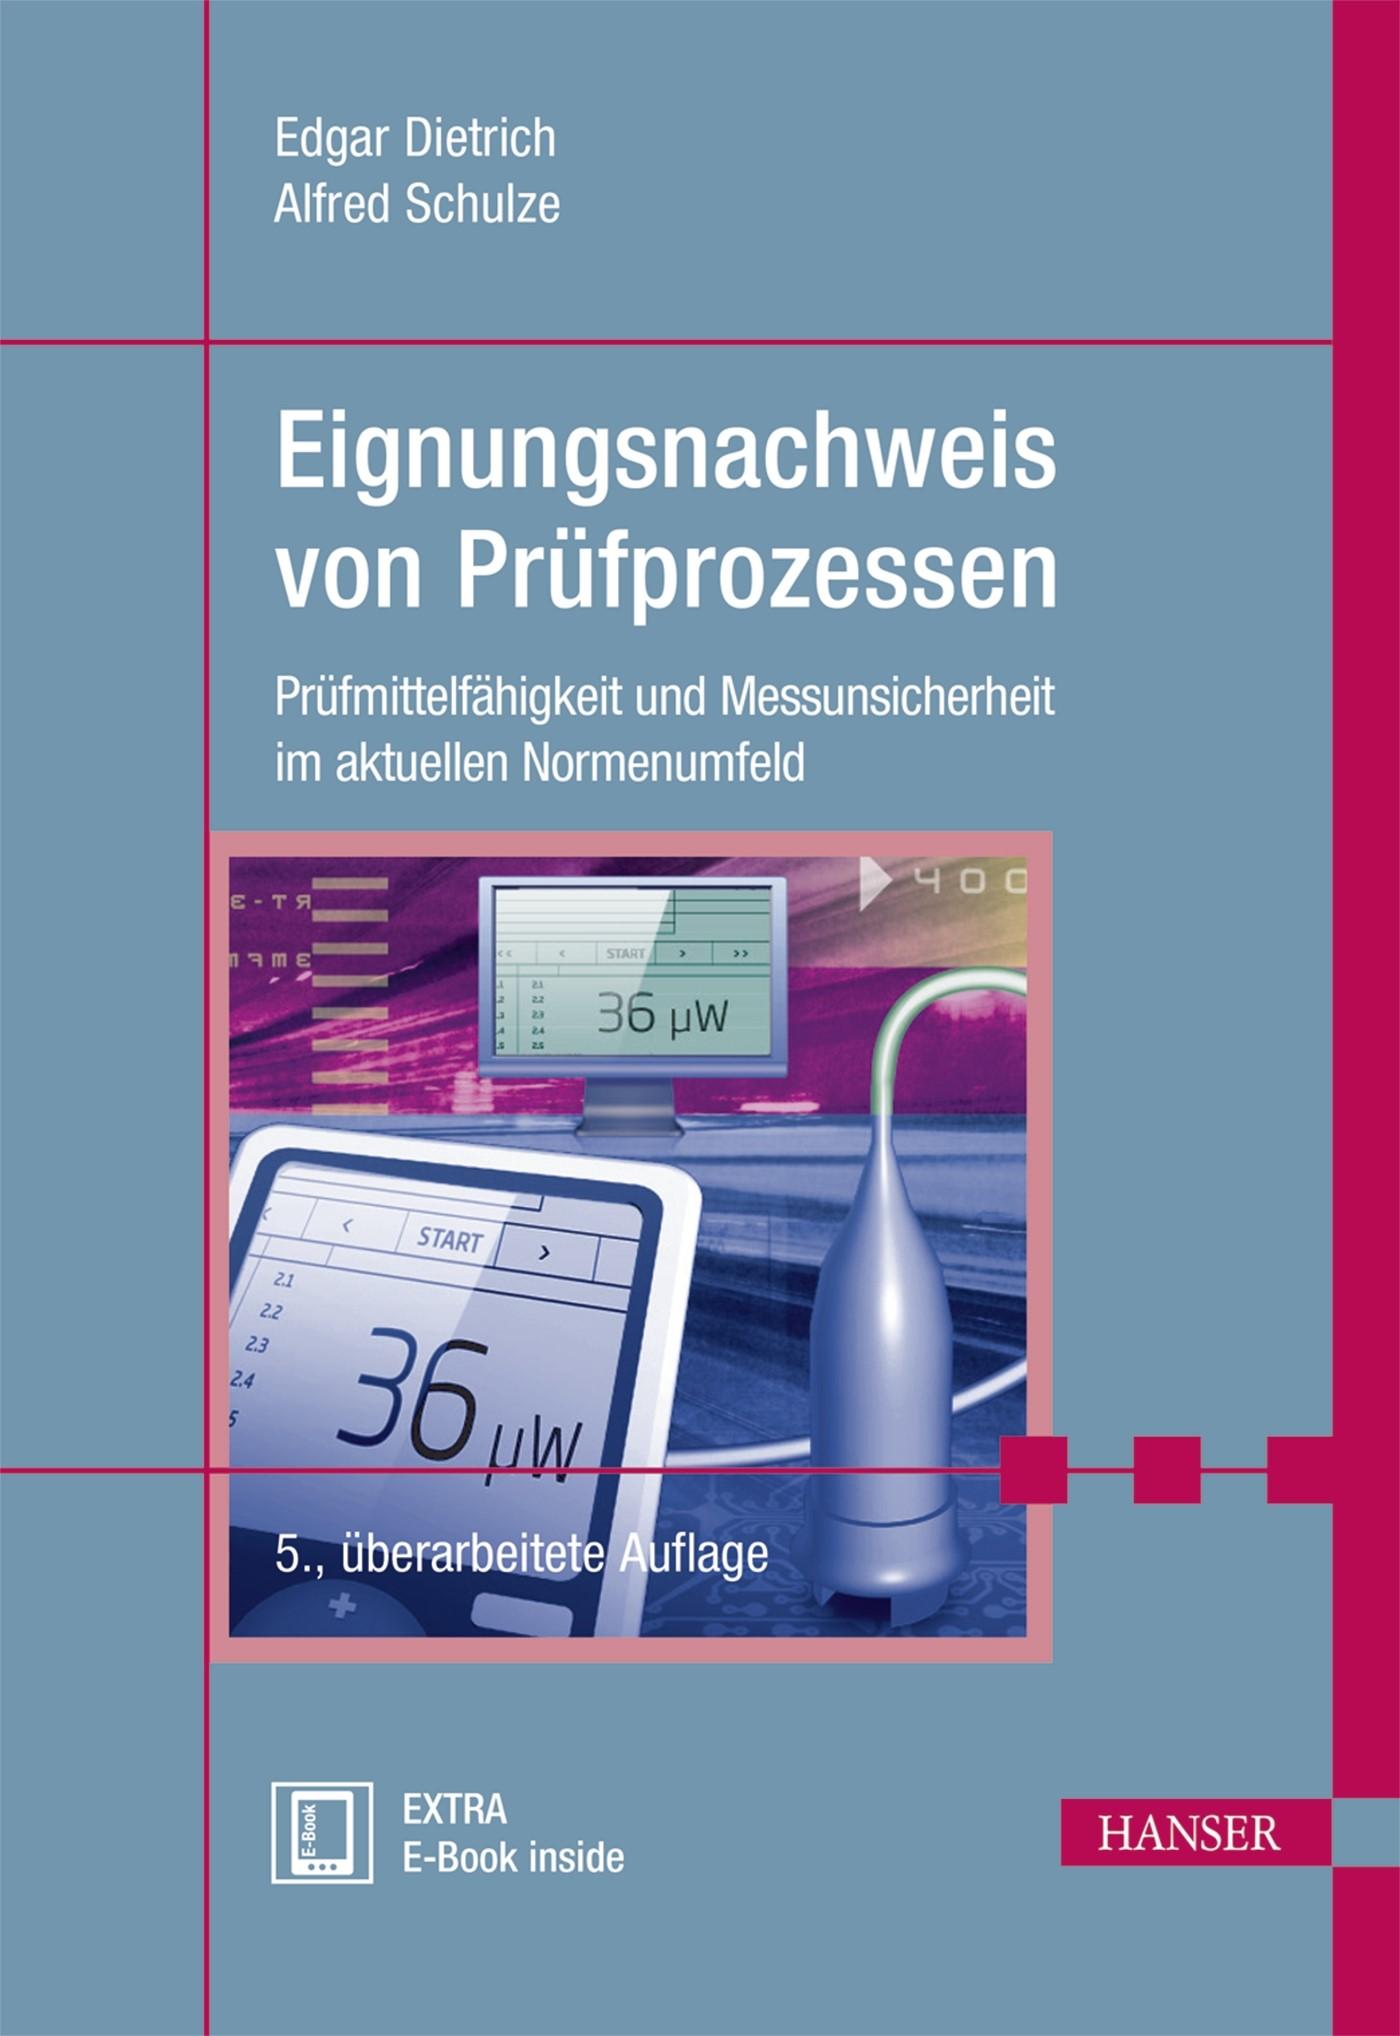 Eignungsnachweis von Prüfprozessen | Dietrich / Schulze | 5., überarbeitete Auflage, 2017 | Buch (Cover)